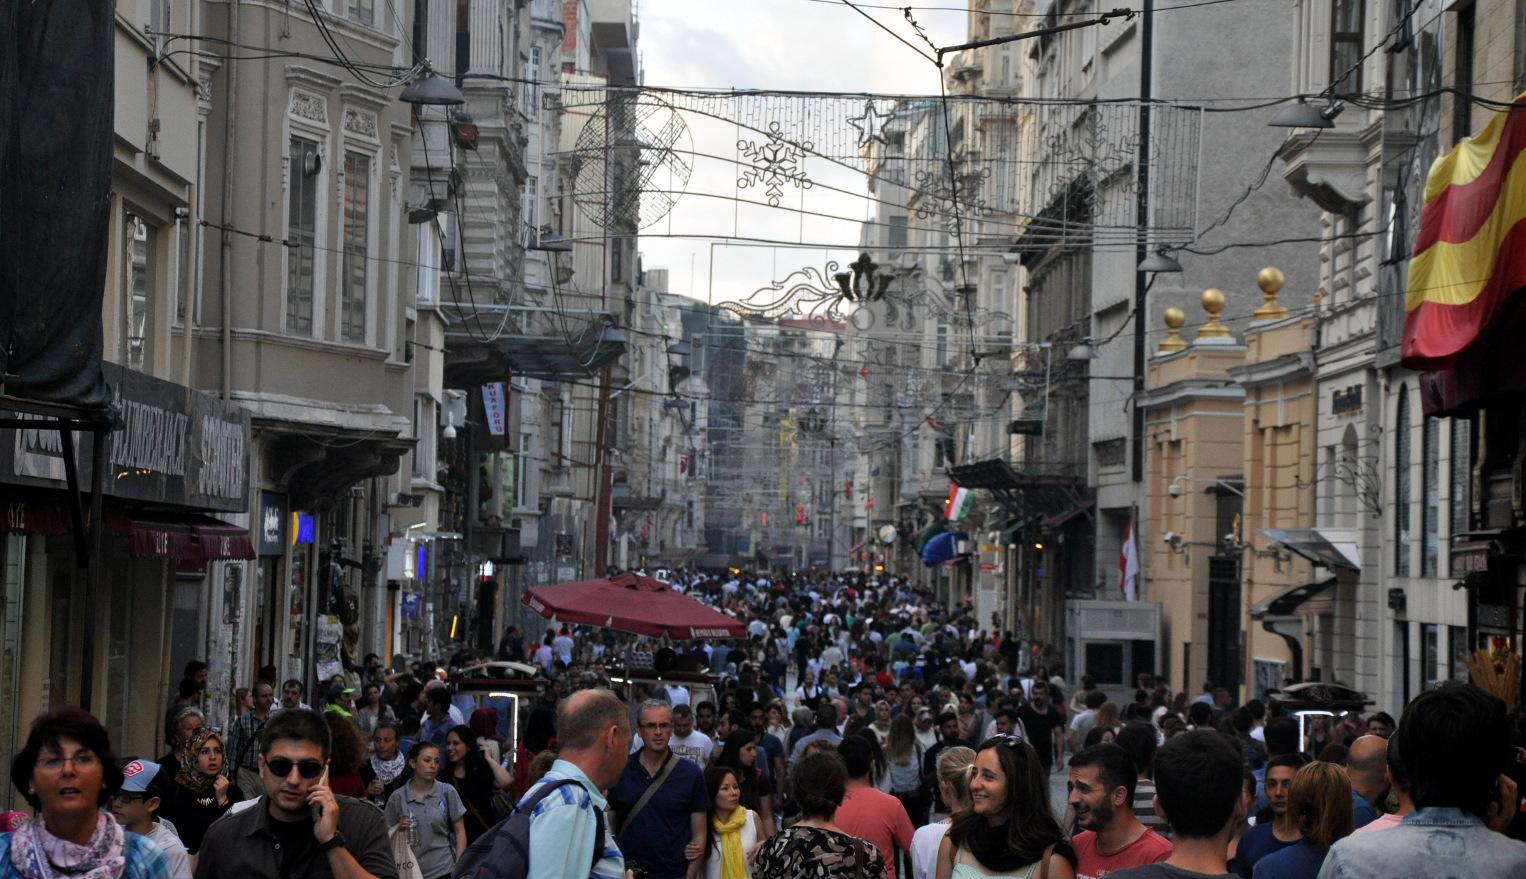 Ulica w Hiszpanii pełna ludzi